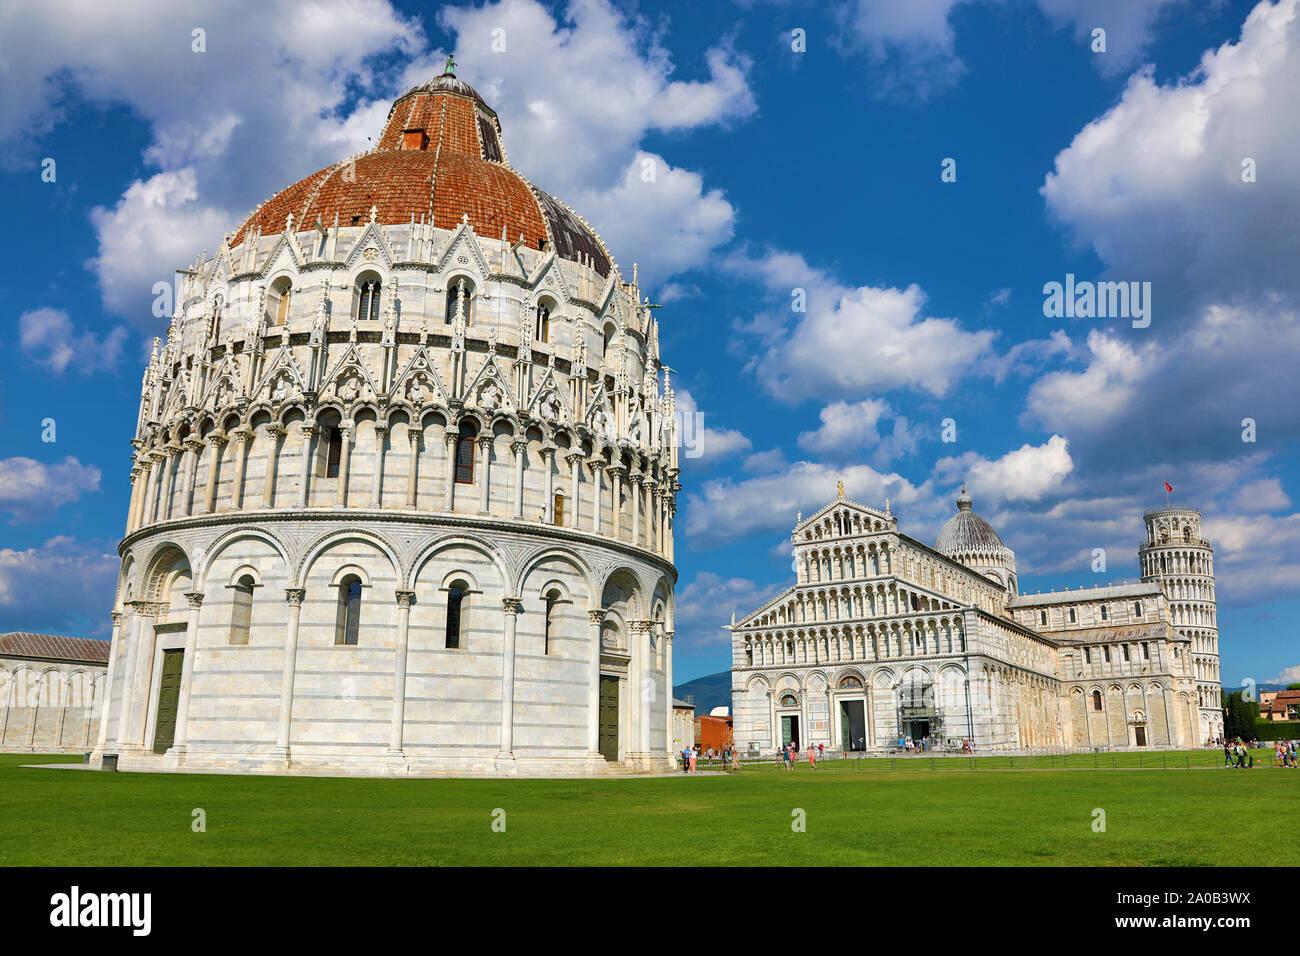 Pisa Baptisterio de San Juan, La Catedral de Pisa y la Torre Inclinada de Pisa, campanario, la Piazza dei Miracoli, en Pisa, Italia Foto de stock